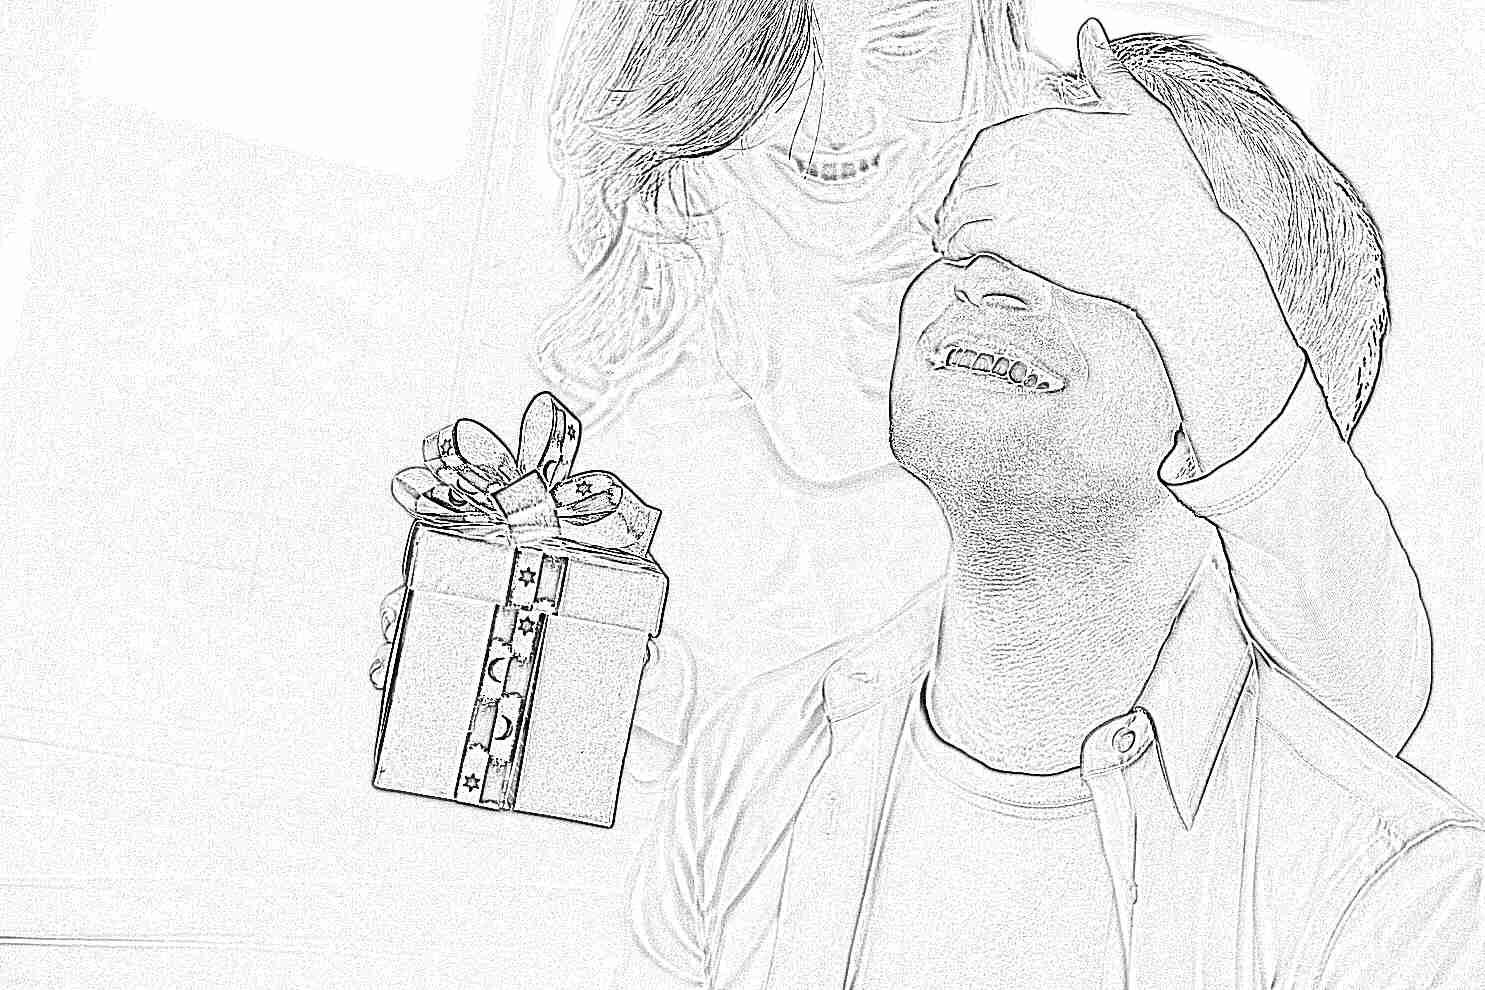 Подарок подруге на 25 лет: оригинальные и полезные подарки 84